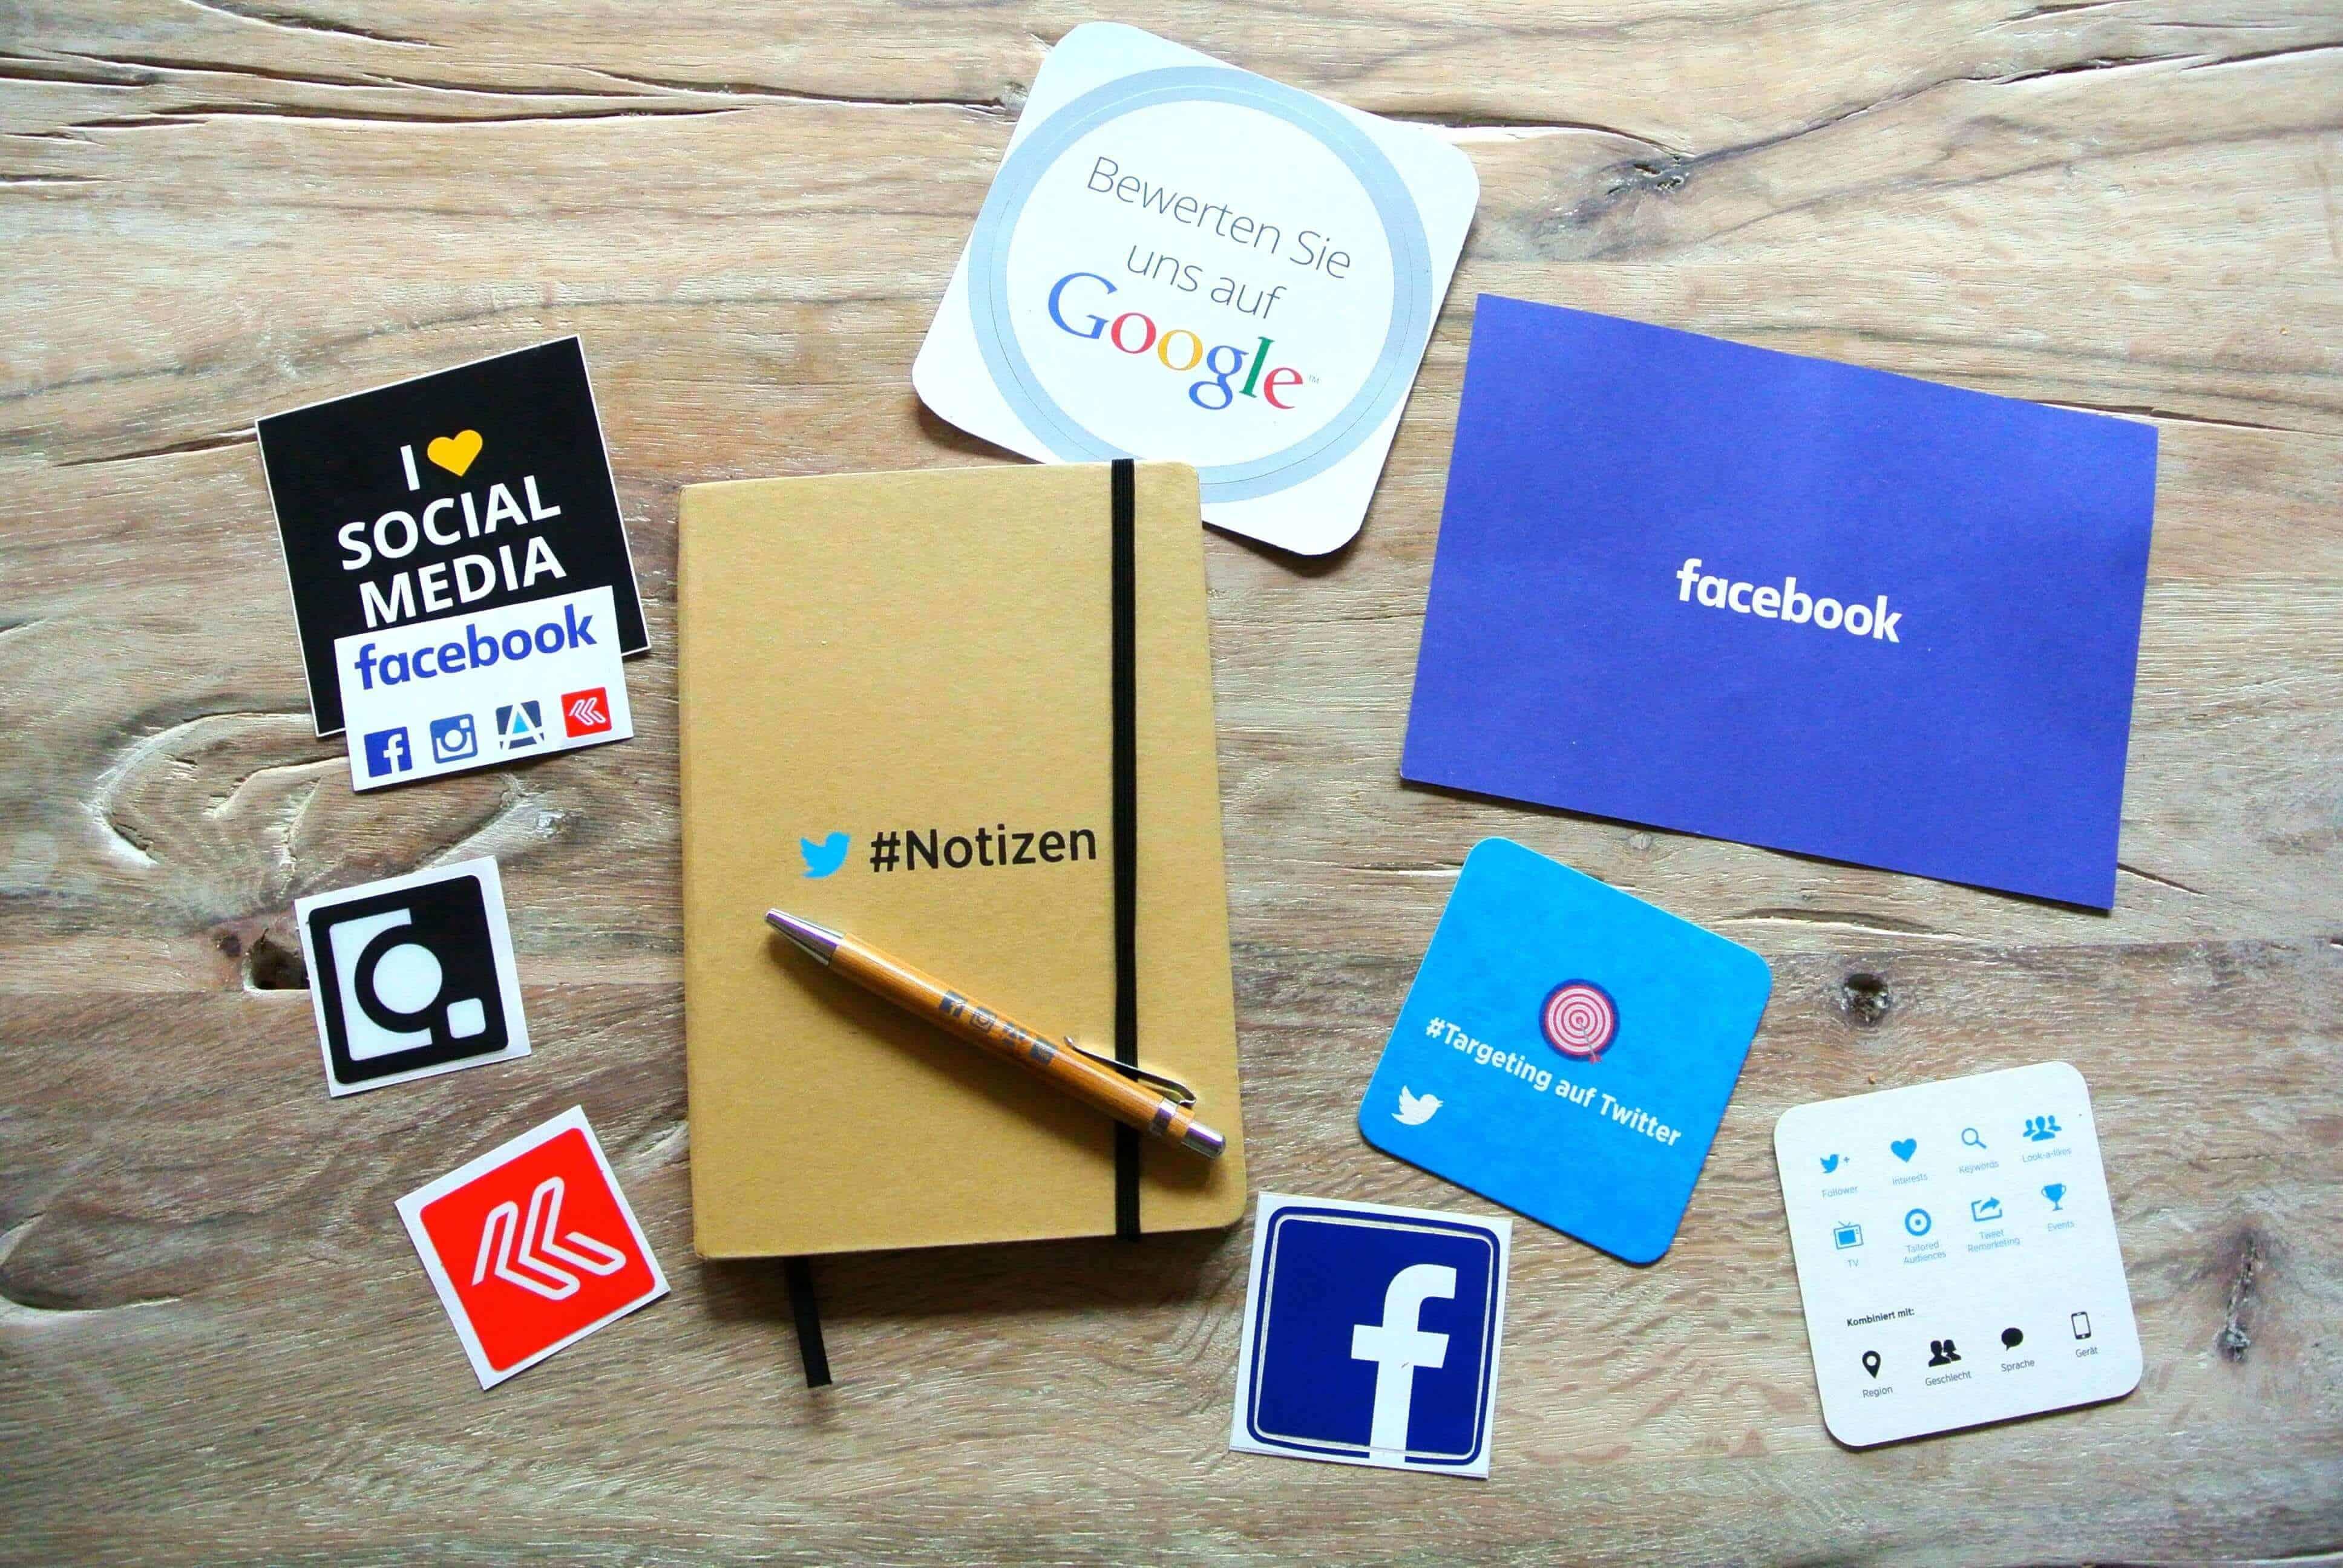 social-media-experts-marketup